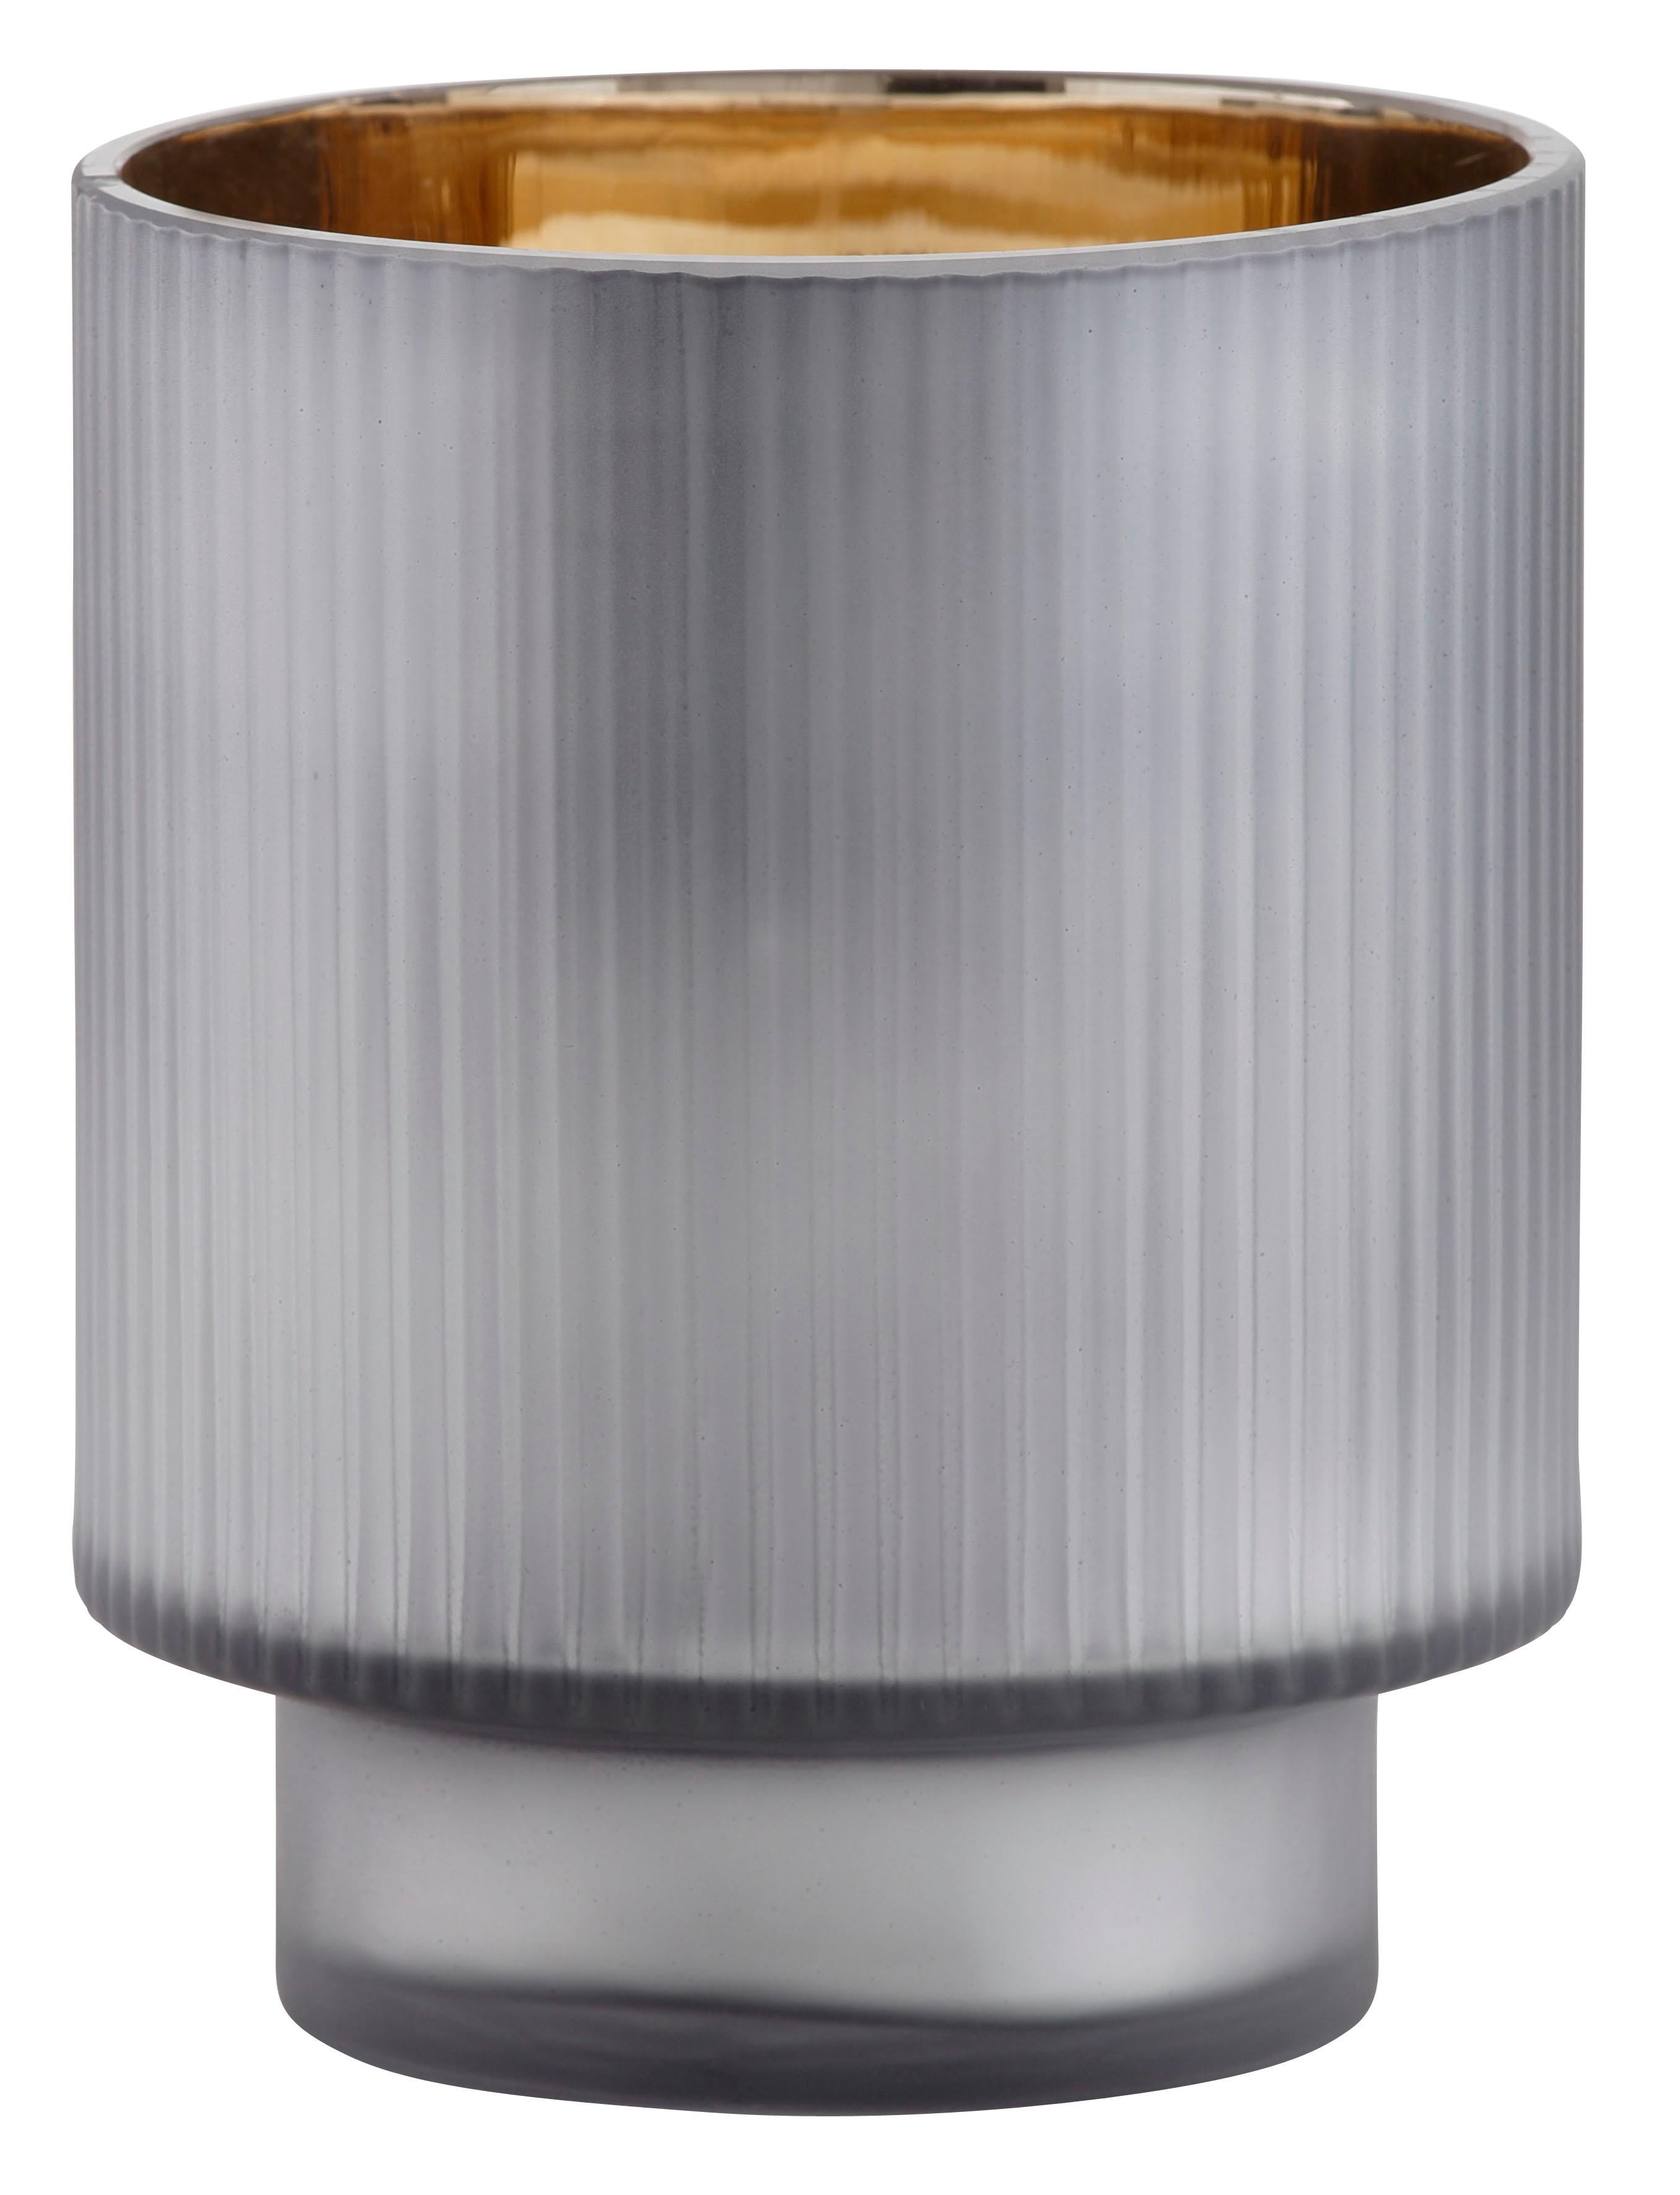 Leonique Windlicht Aubree, aus Glas, mit Innen-Verspiegelung grau Kerzenhalter Kerzen Laternen Wohnaccessoires